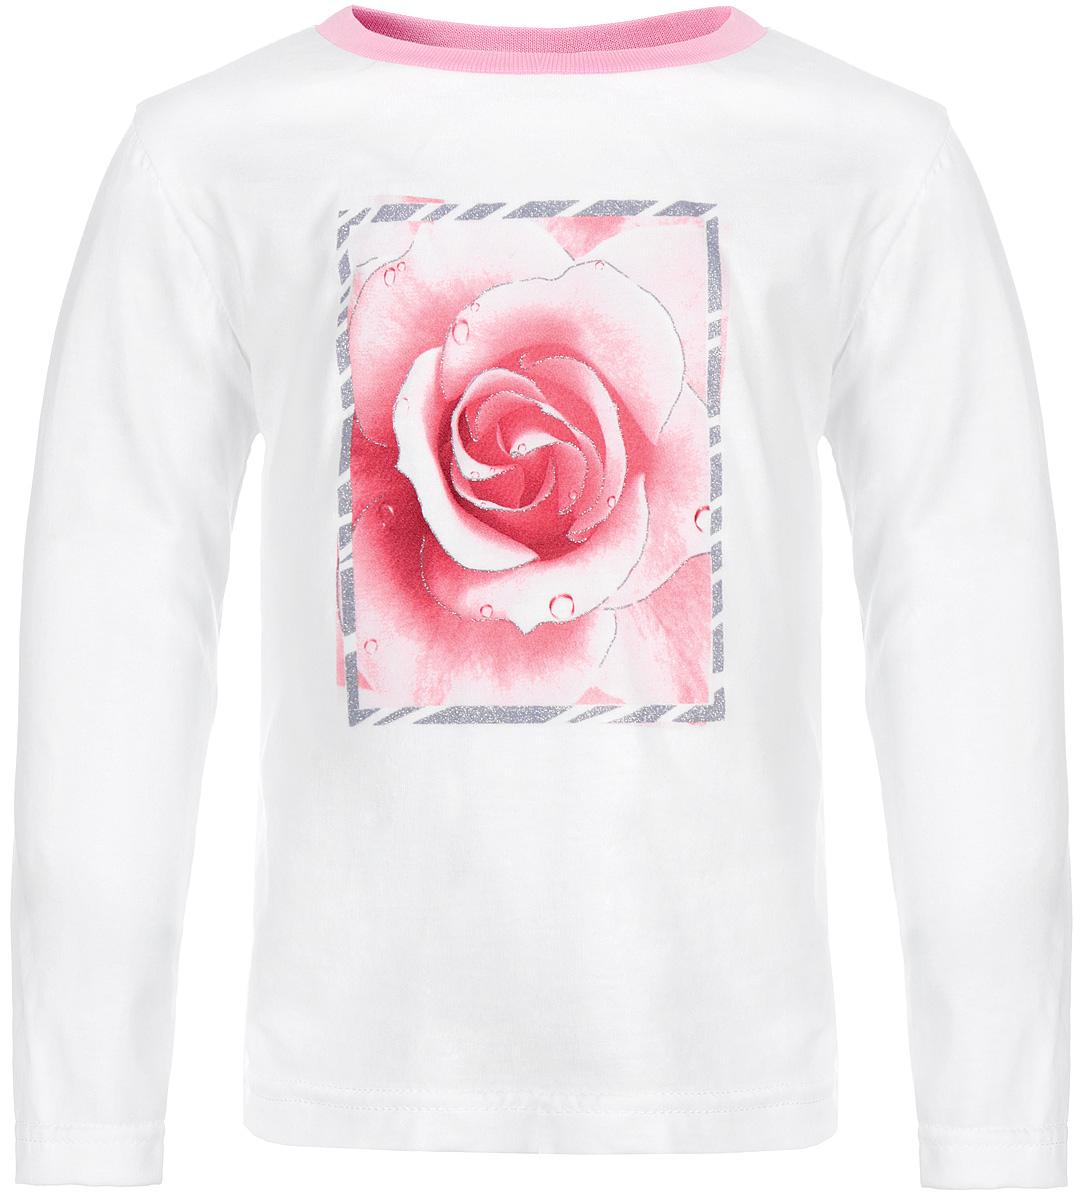 Футболка с длинным рукавом для девочки КотМарКот, цвет: белый, розовый. 15563. Размер 110, 5 лет15563Стильная футболка с длинным рукавом для девочки КотМарКот идеально подойдет вашей моднице. Изготовленная из натурального хлопка, она мягкая и приятная на ощупь, не сковывает движения и позволяет коже дышать, не раздражает даже самую нежную и чувствительную кожу ребенка, обеспечивая наибольший комфорт. Футболка прямого кроя с длинными рукавами и круглым вырезом горловины оформлена изящной розой в блестящей рамке. Вырез горловины дополнен трикотажной эластичной резинкой.Современный дизайн и модная расцветка делают эту футболку стильным предметом детского гардероба. В ней ваша принцесса будет чувствовать себя уютно и комфортно, и всегда будет в центре внимания!